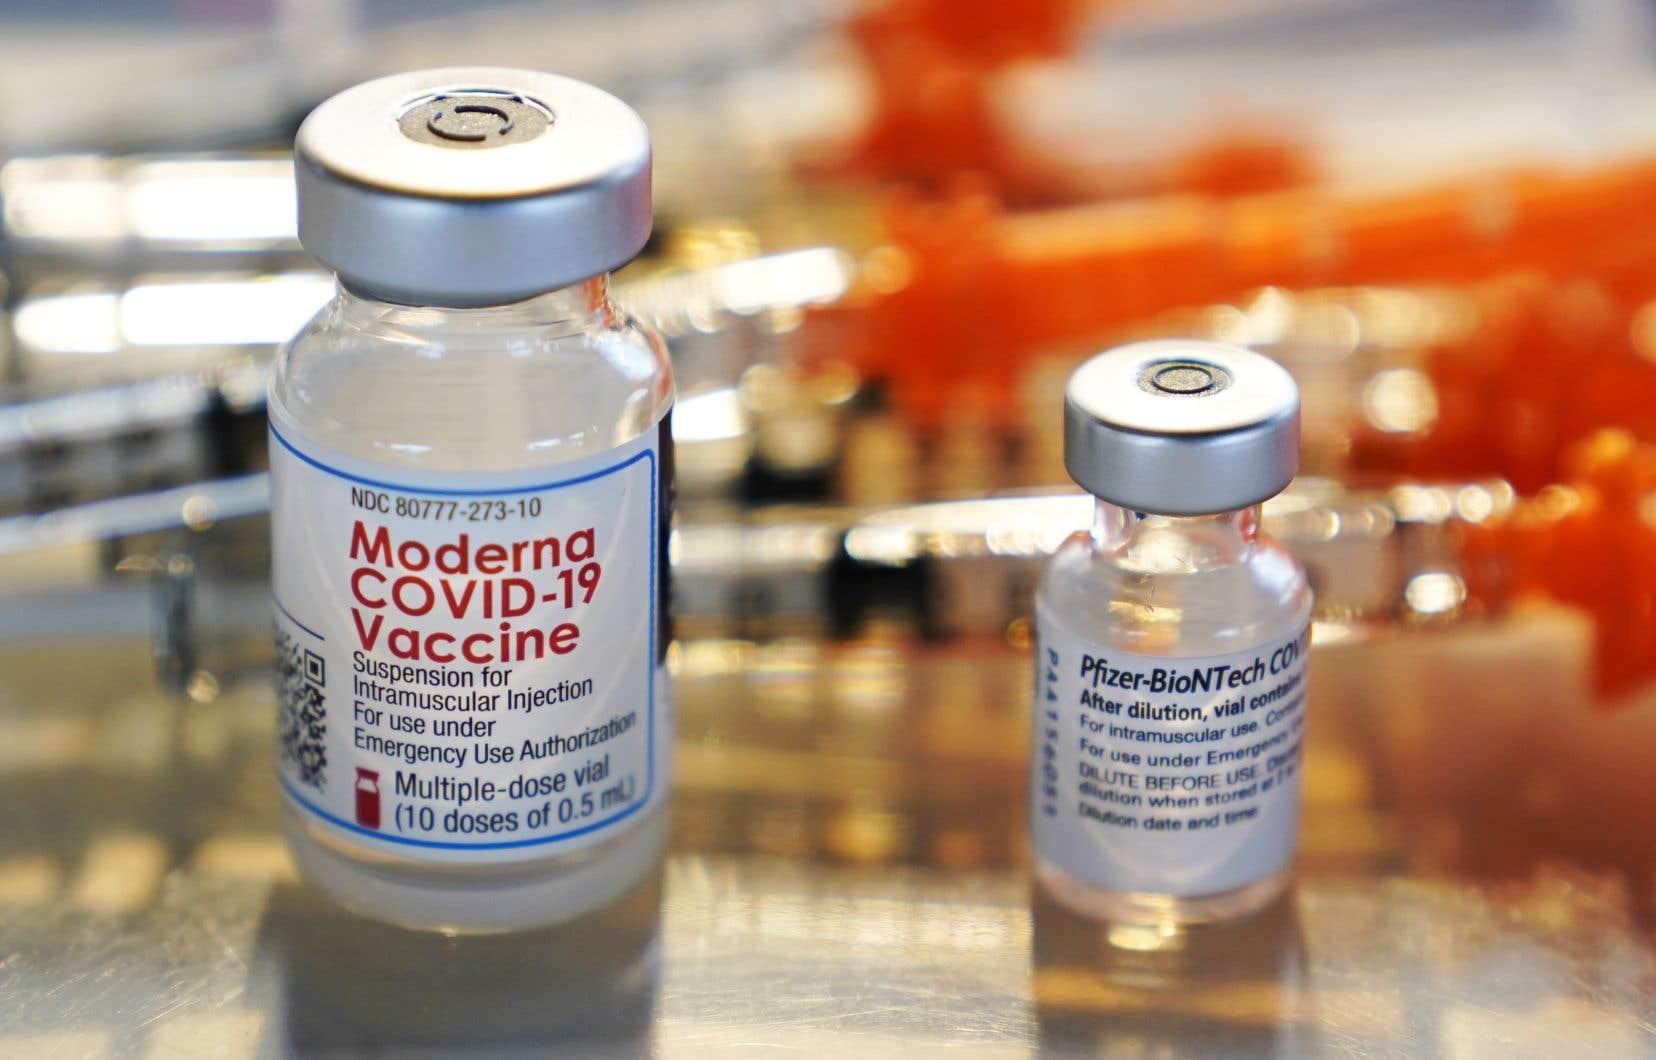 Les vaccins combattent efficacement la COVID-19, mais ne sont pas parfaits.